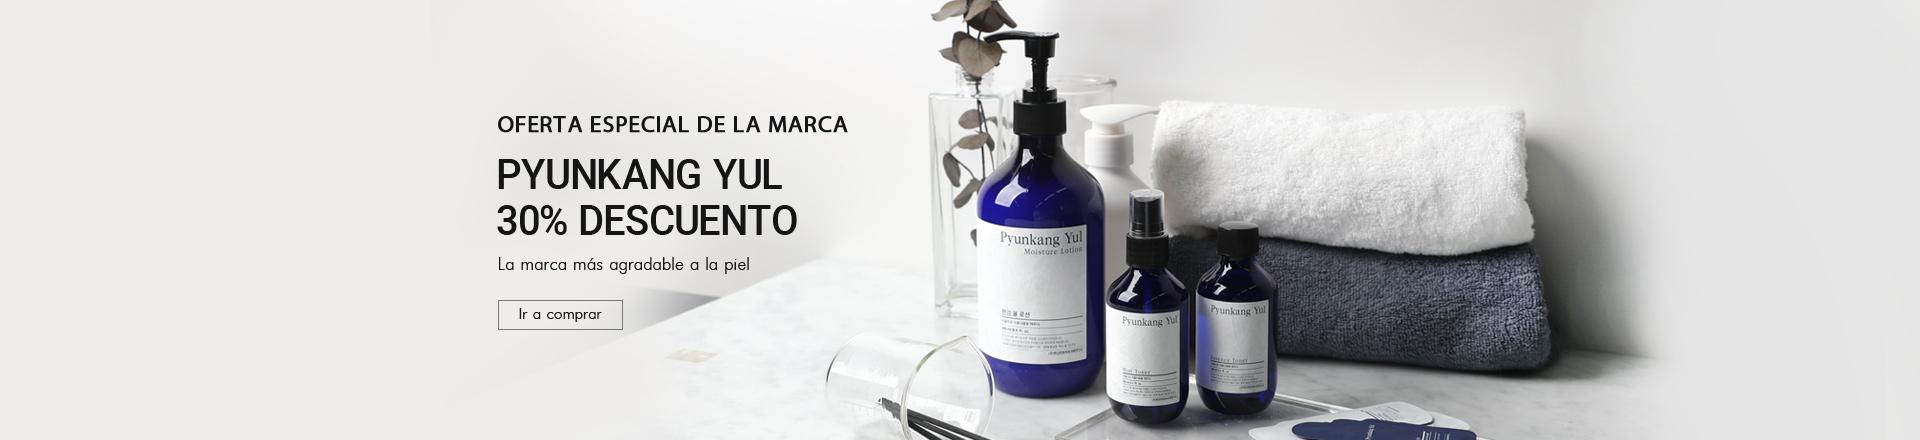 pyunkang yul brand sale